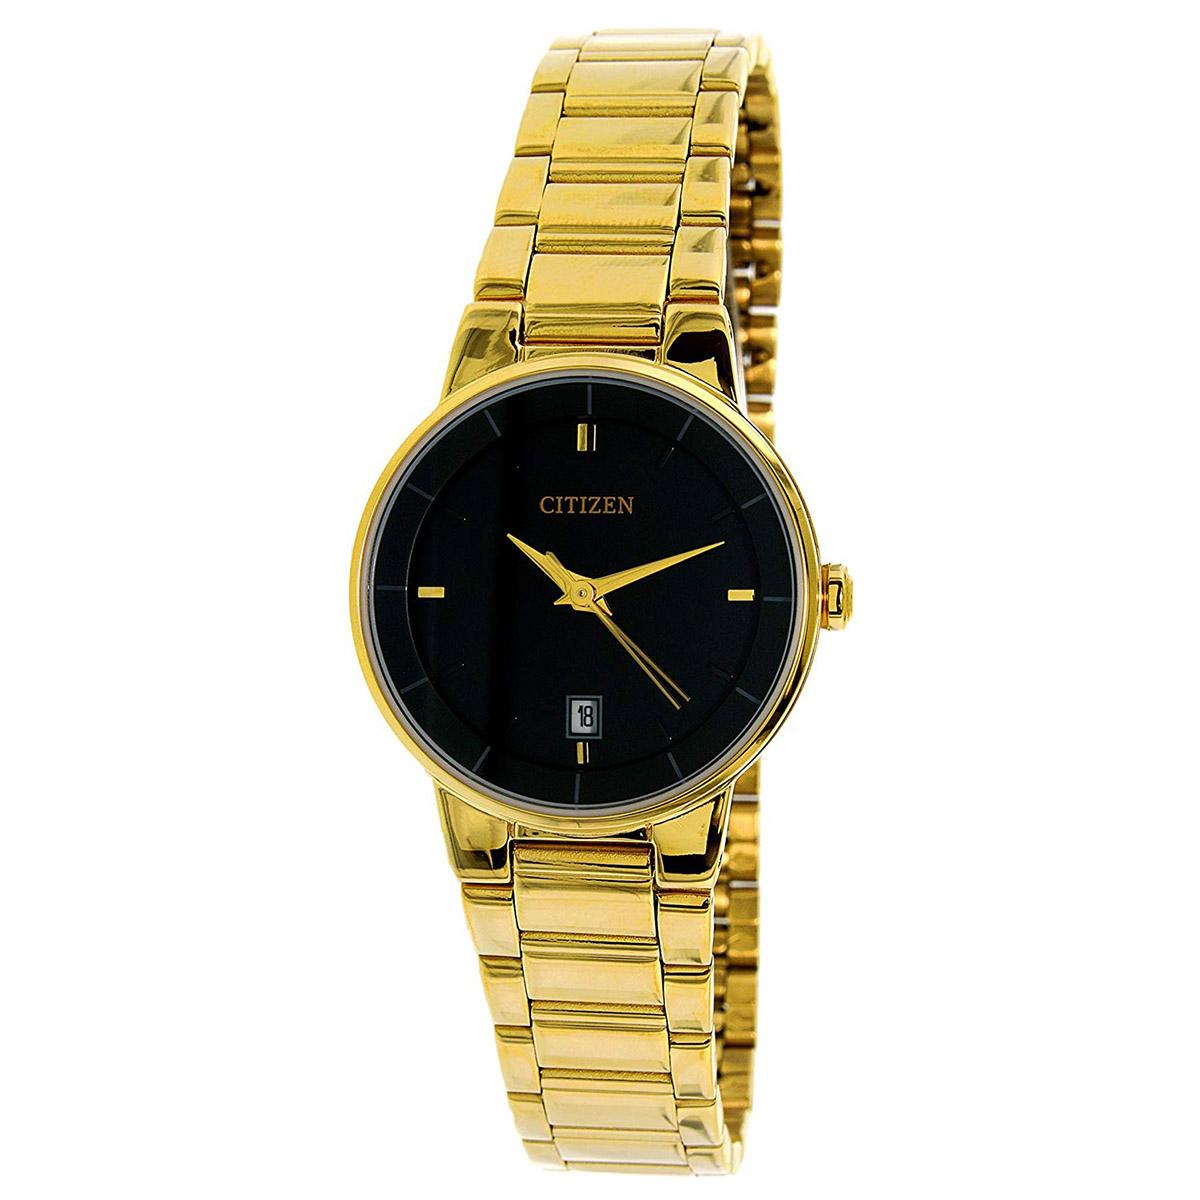 ساعت مچی عقربه ای زنانه سیتی زن مدل EU6012-58E